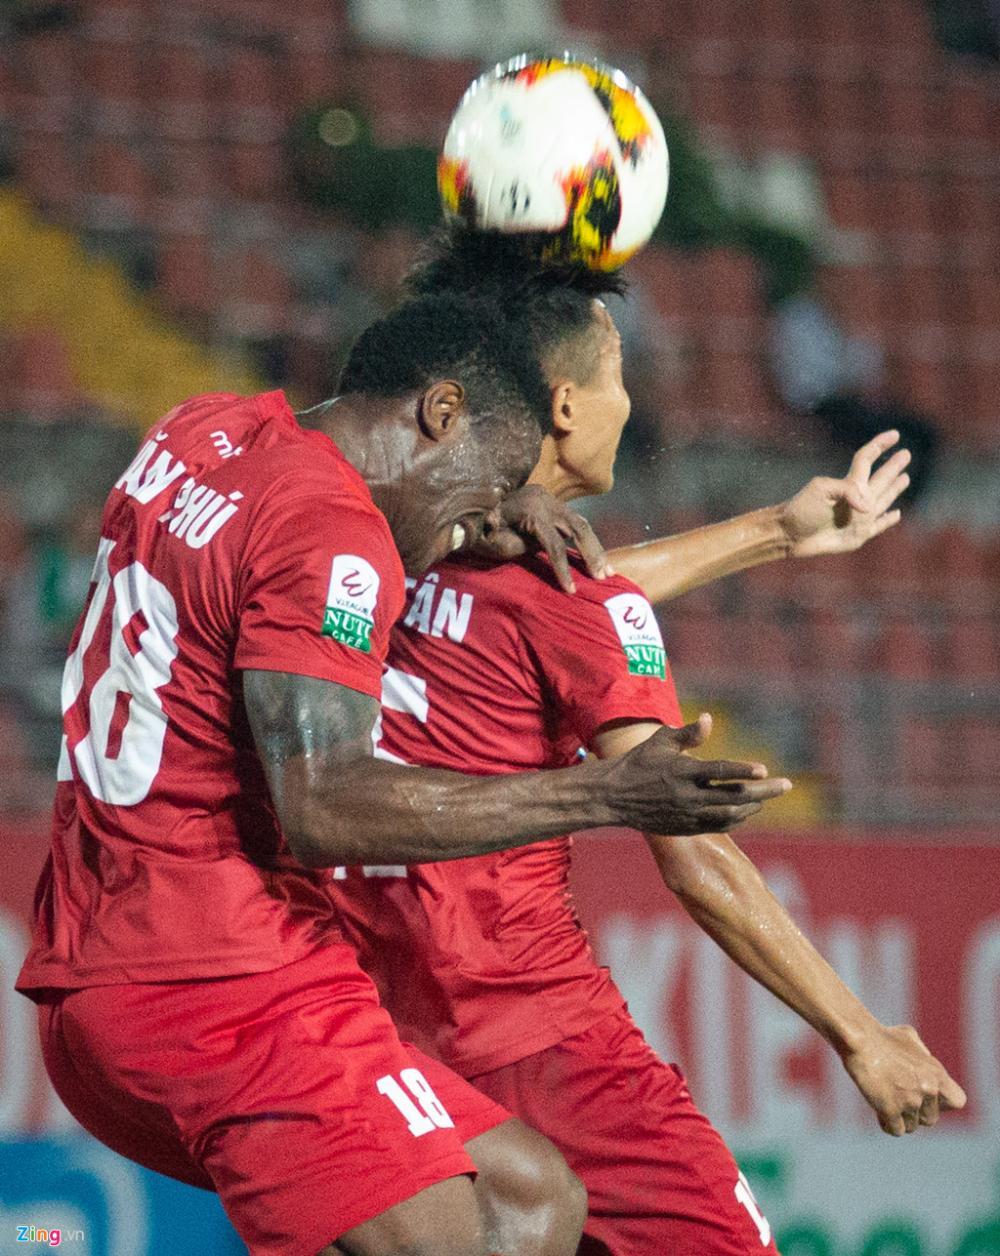 Sau bàn gỡ hòa của đội Nam Định, trận đấu được bù giờ 4 phút. CLB thành Nam được đà tâm lý, dồn lên tìm bàn gỡ trong những phút cuối với hàng loạt tình huống đưa bóng vào trong cho Diogo. Tuy vậy, các hậu vệ Hải Phòng đã giải nguy thành công, giữ tỷ số 1-1 đến hết trận.